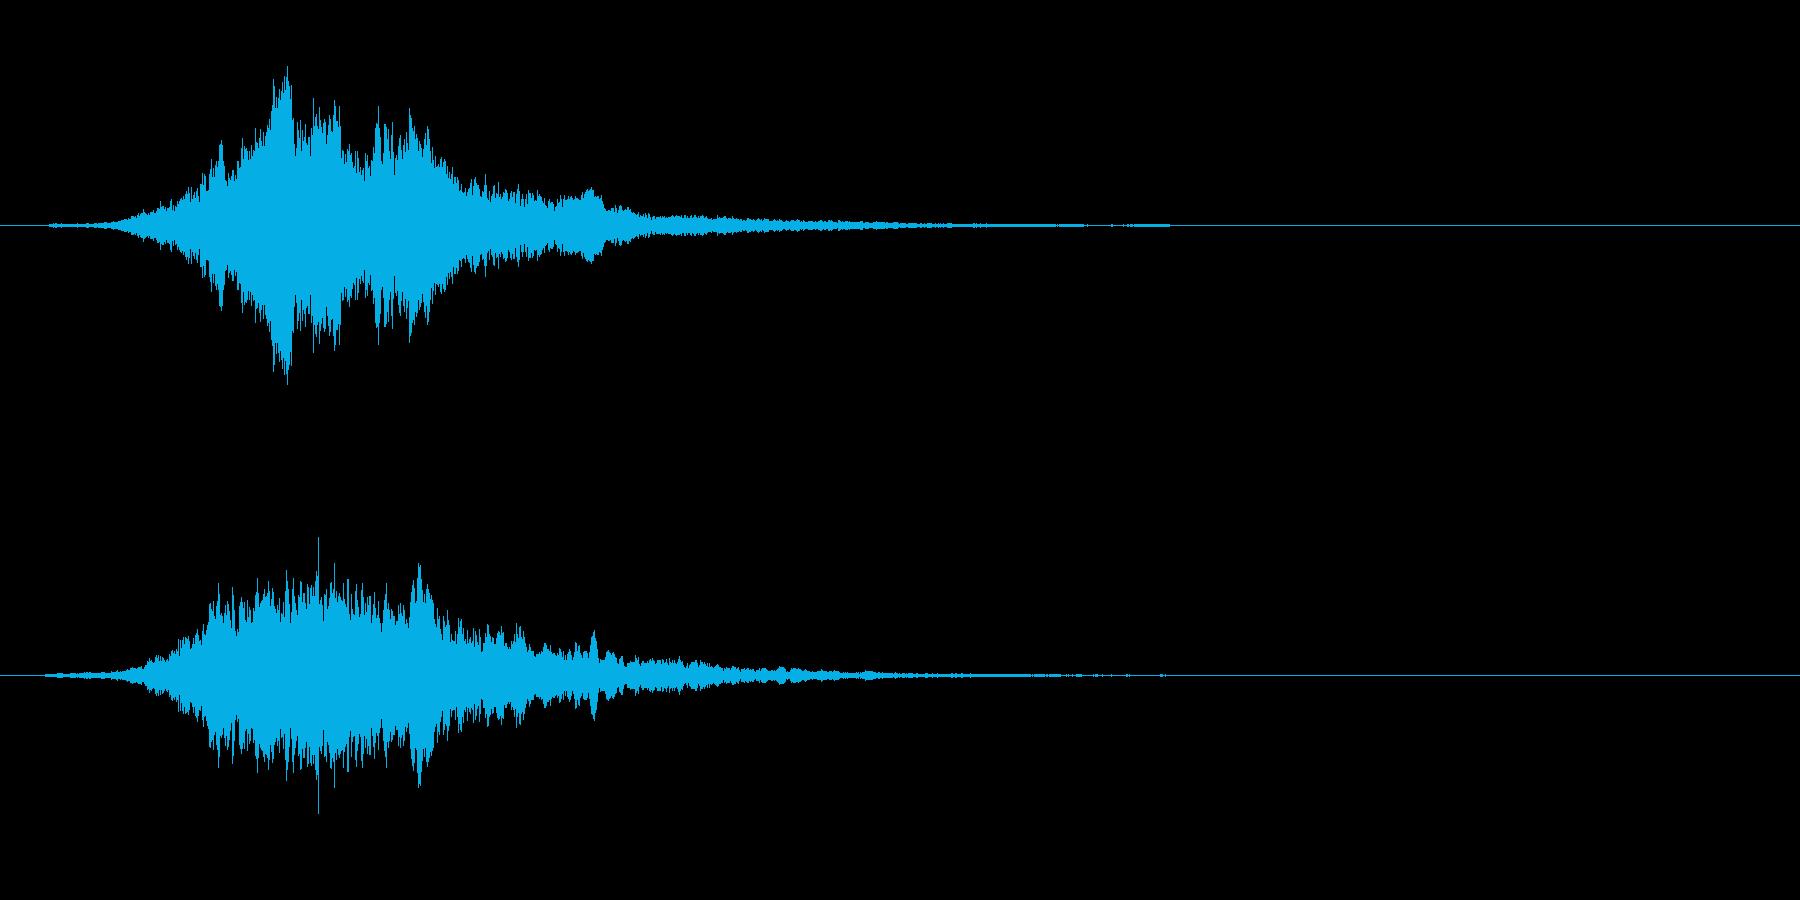 ホラー系のPad(恐怖演出)の再生済みの波形